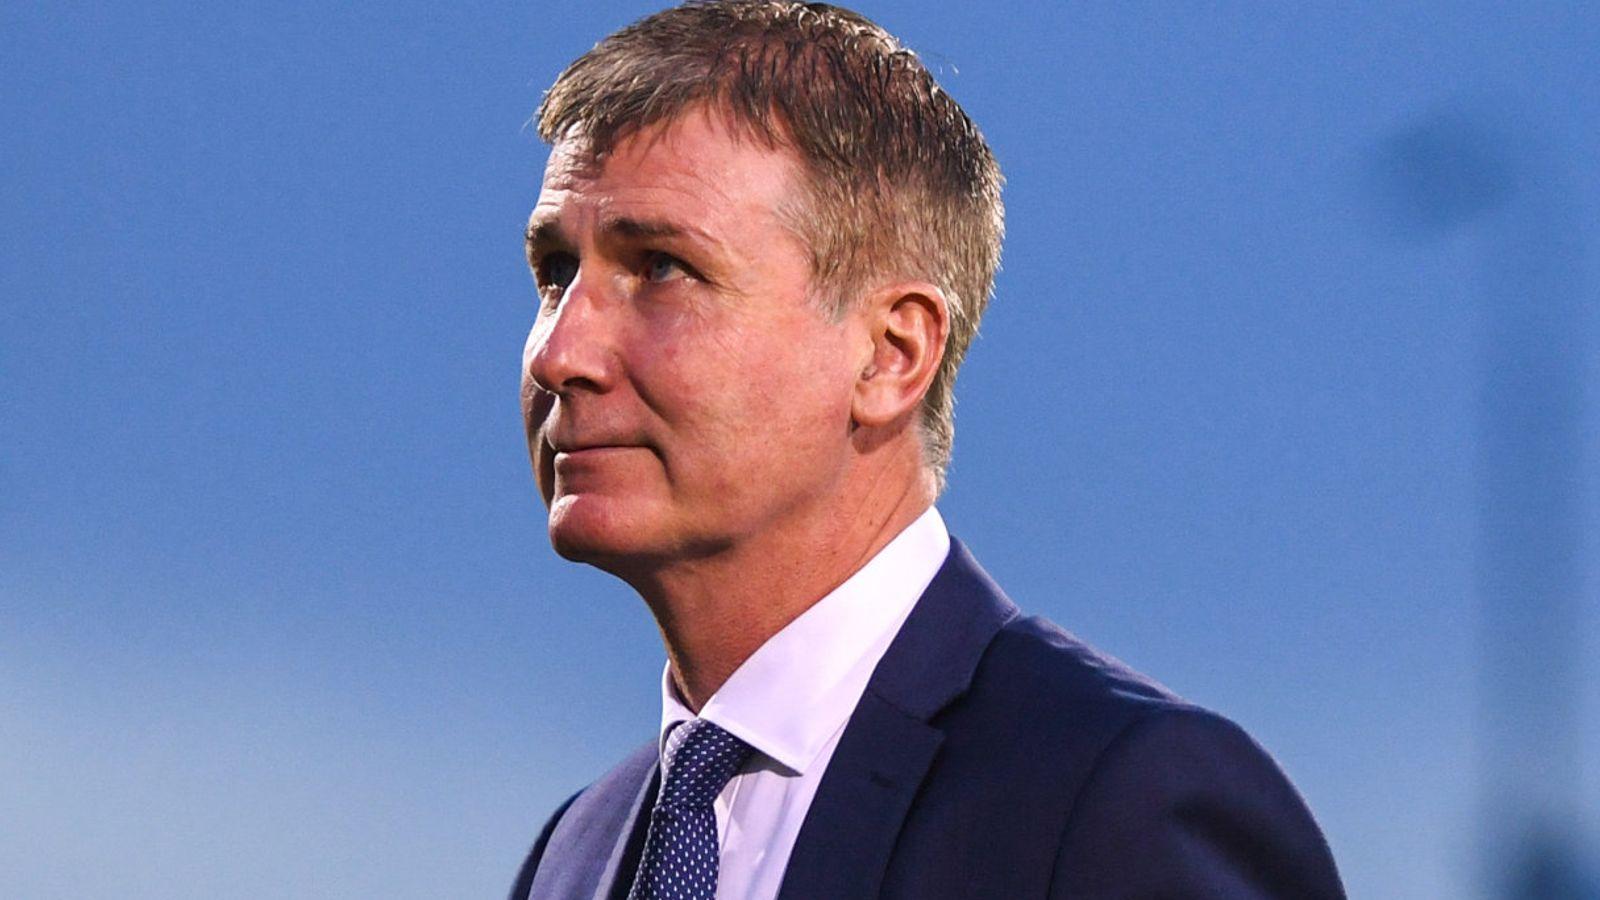 Stephen Kenny: el jefe de la Nueva República de Irlanda dice que no es momento de celebrar una cita | Noticias de futbol 61